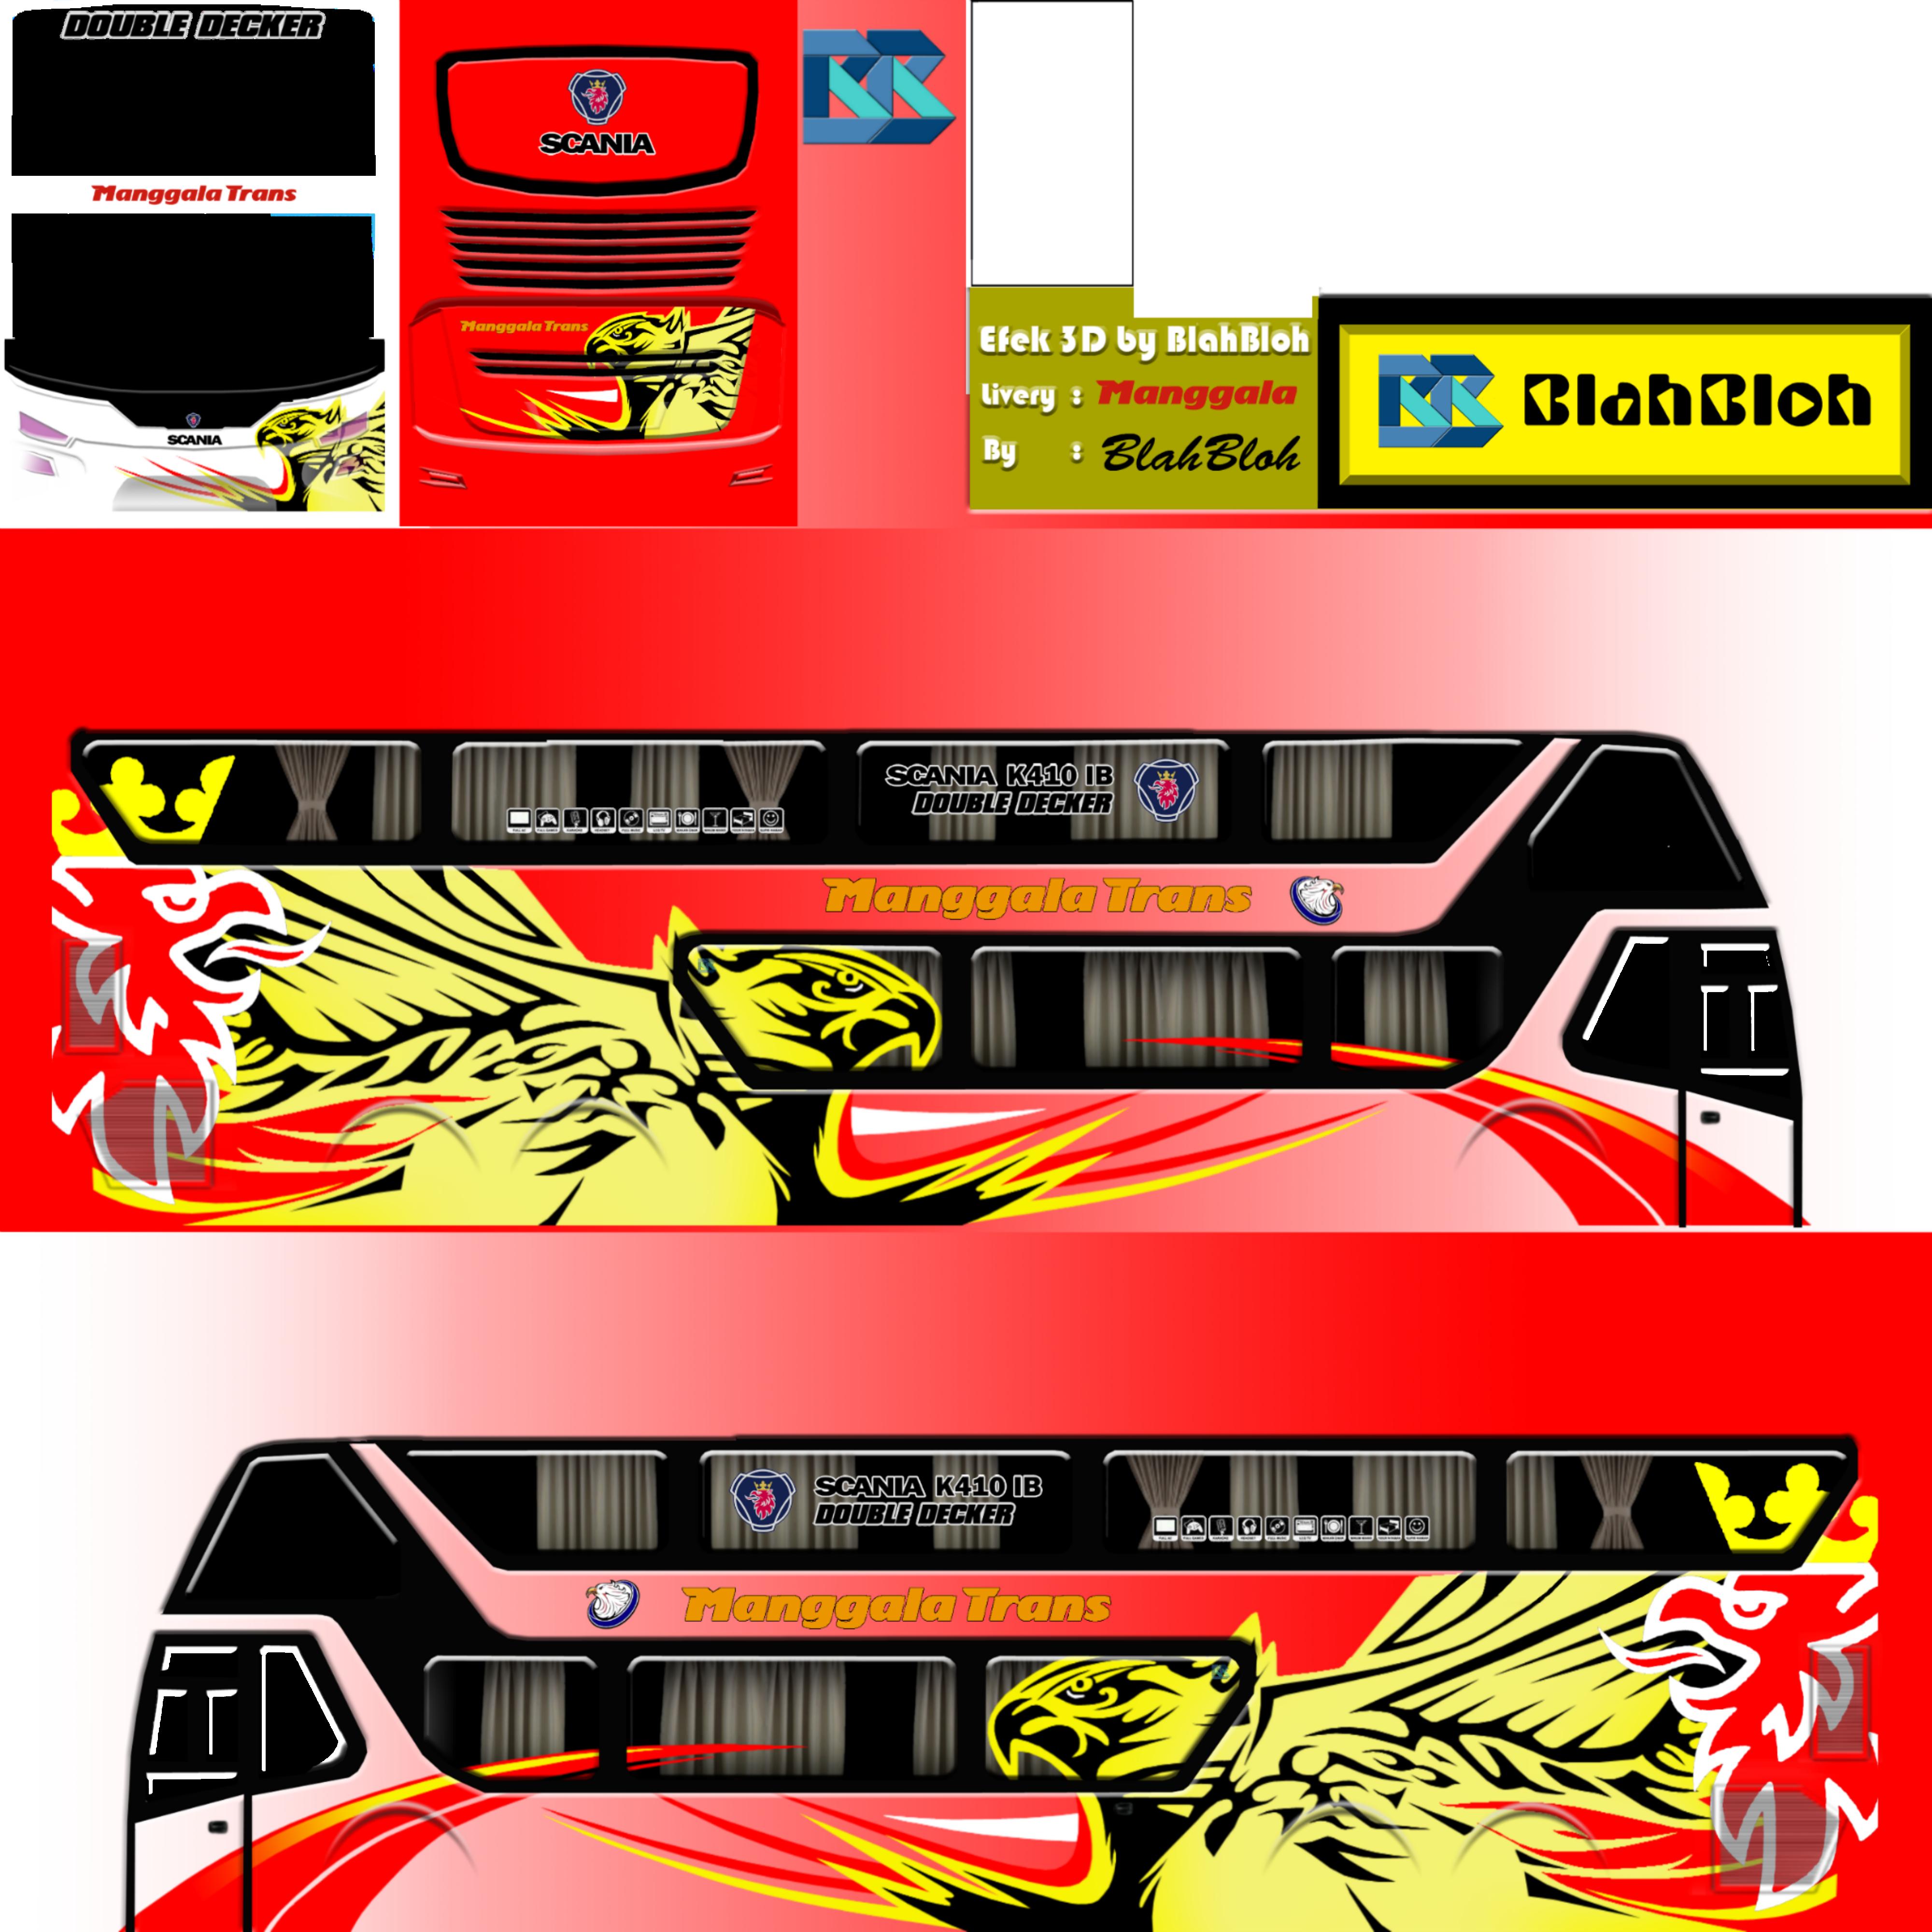 30 Livery Bussid Bimasena Sdd Terbaru Kualitas Jernih Png Konsep Mobil Stiker Mobil Mobil Modifikasi